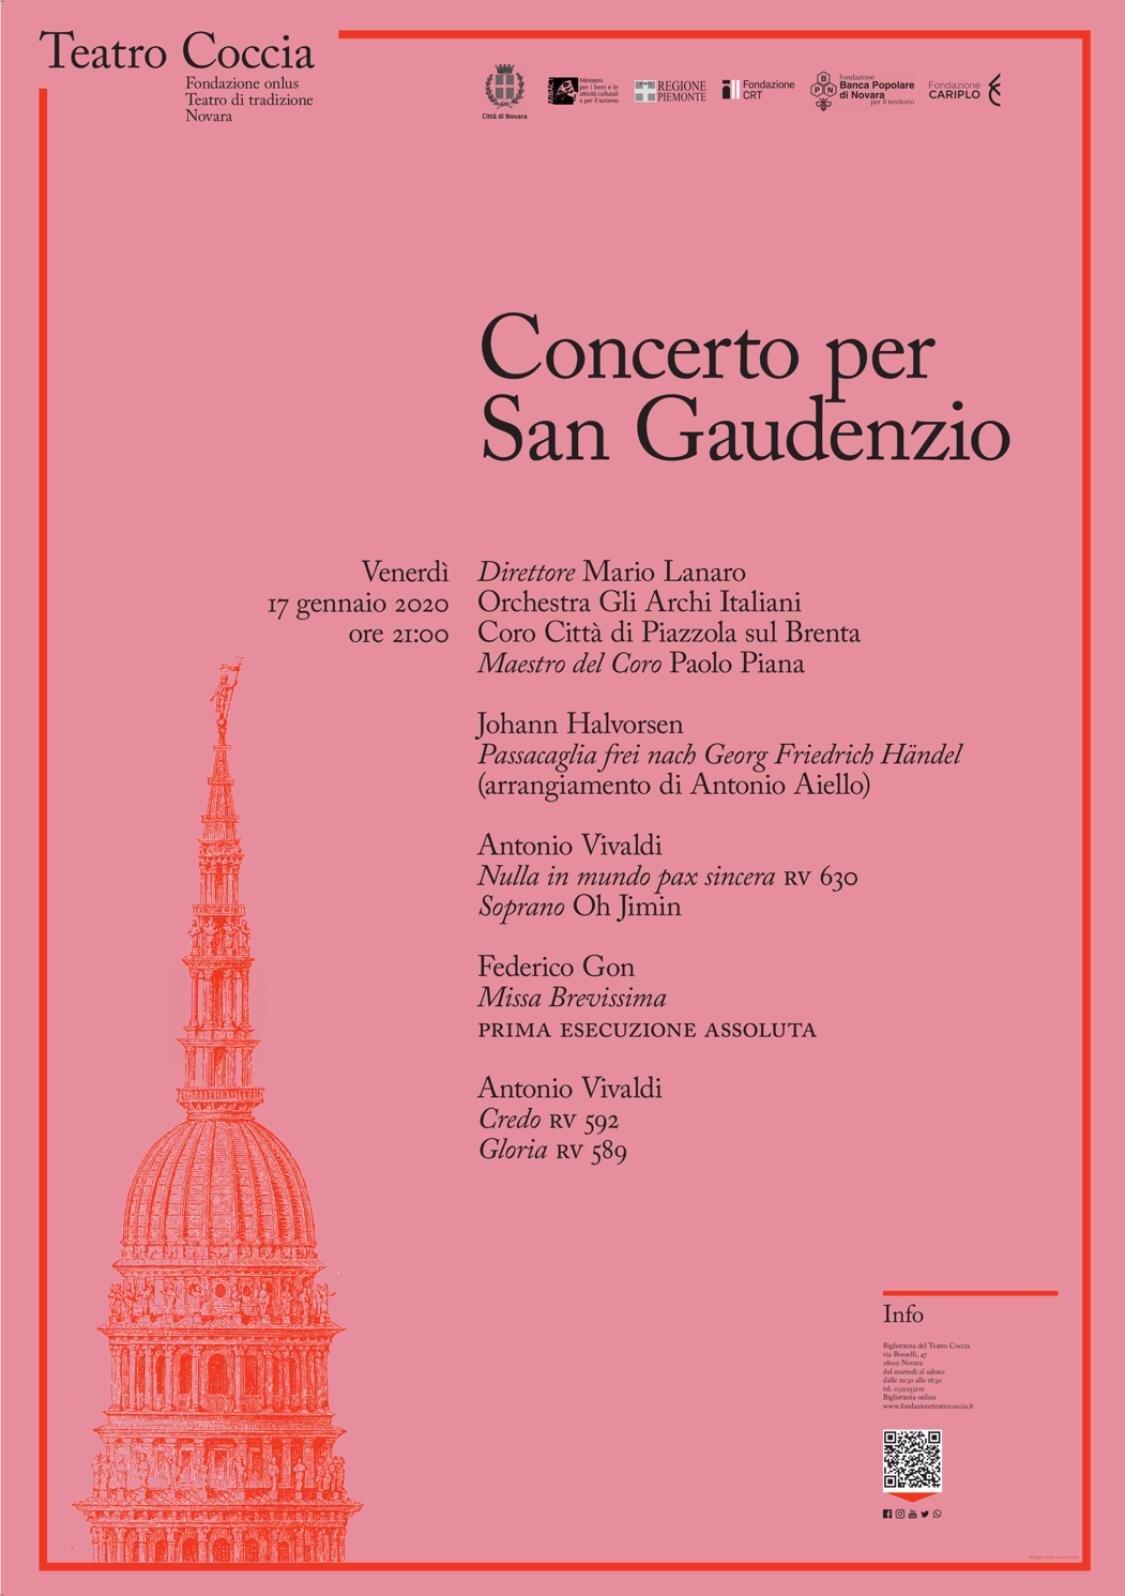 Concerto per San Gaudenzio